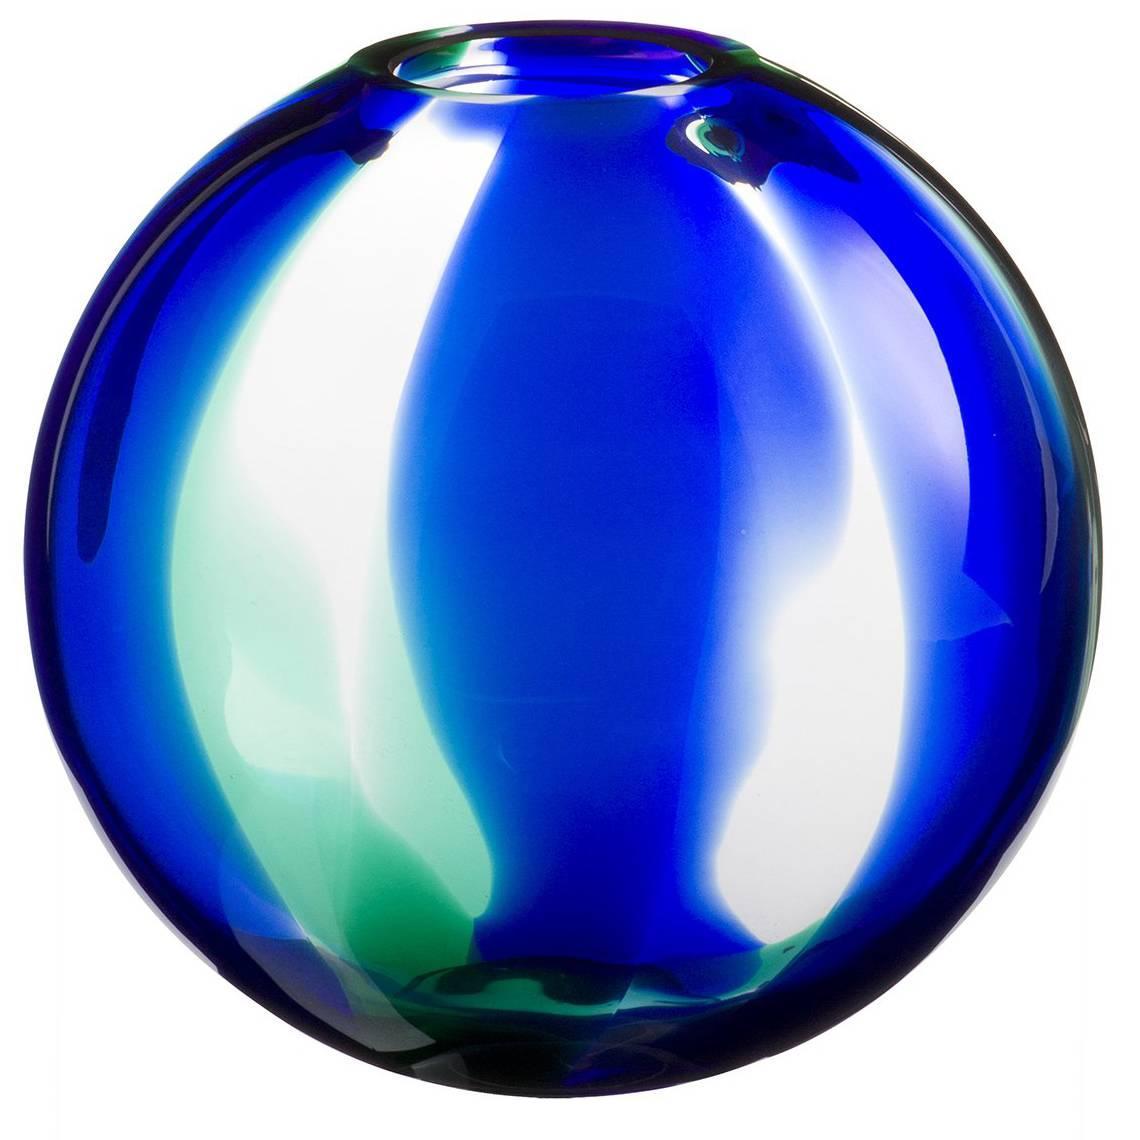 Atria Carlo Moretti Contemporary Mouth Blown Murano Glass Vase